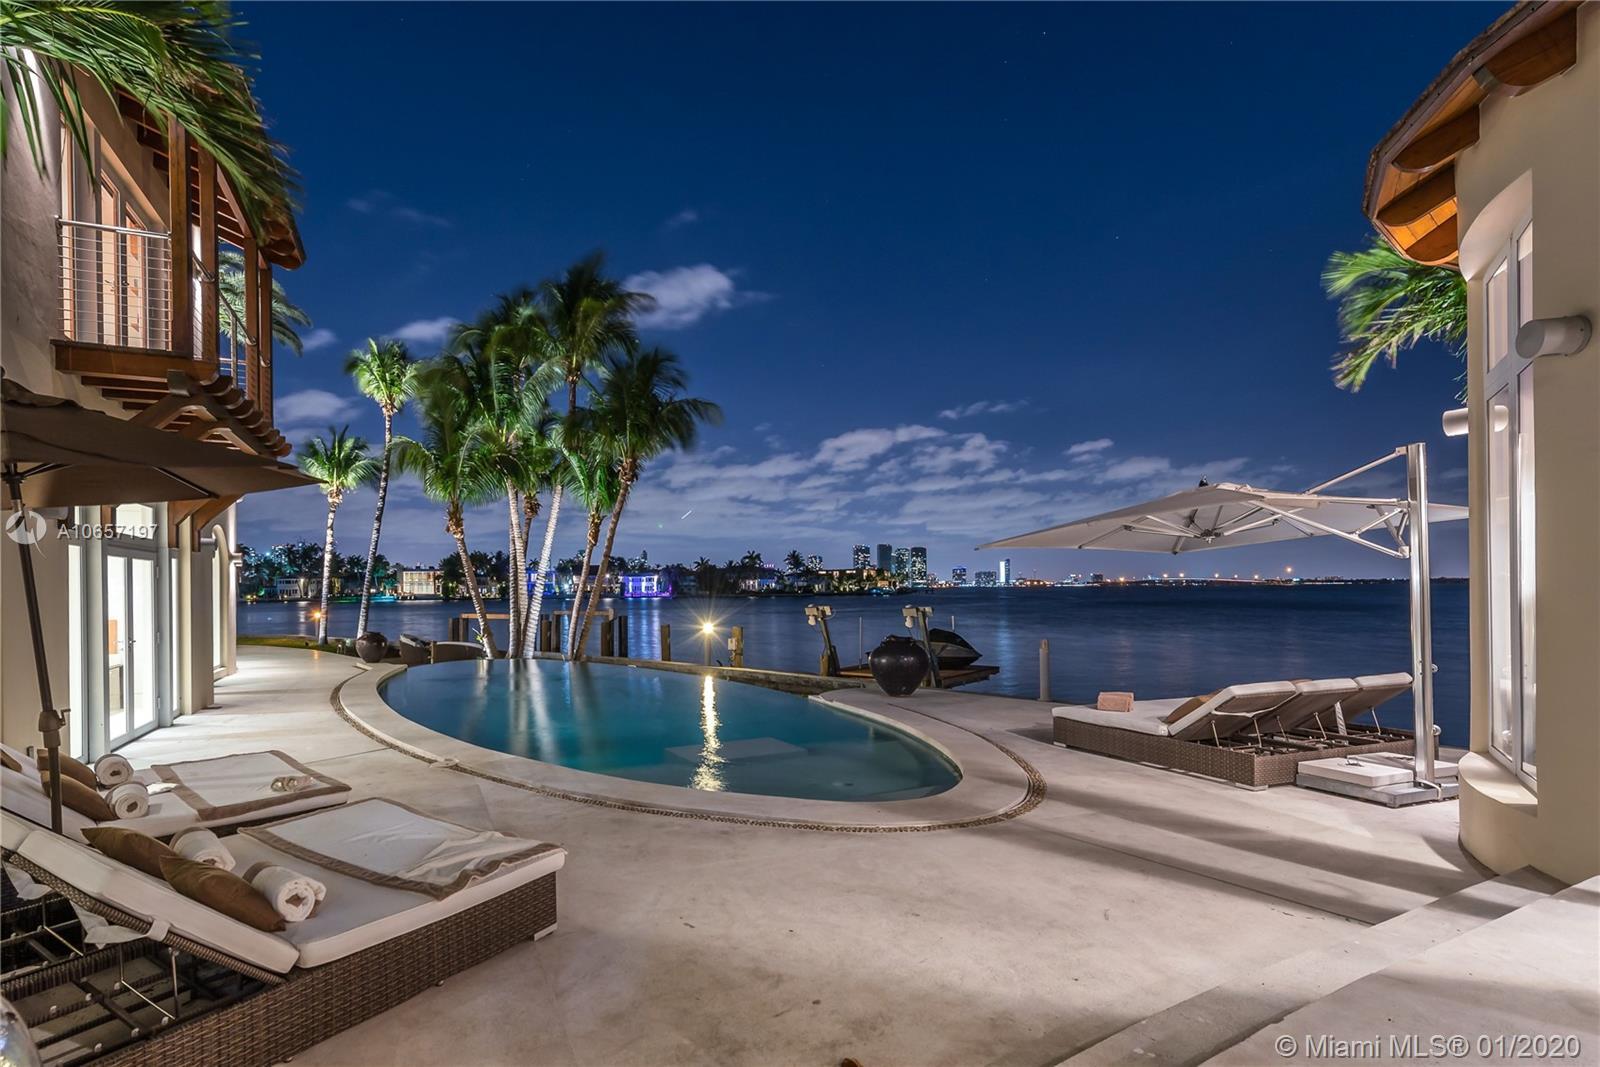 436 W Rivo Alto Dr Miami Beach, FL 33139